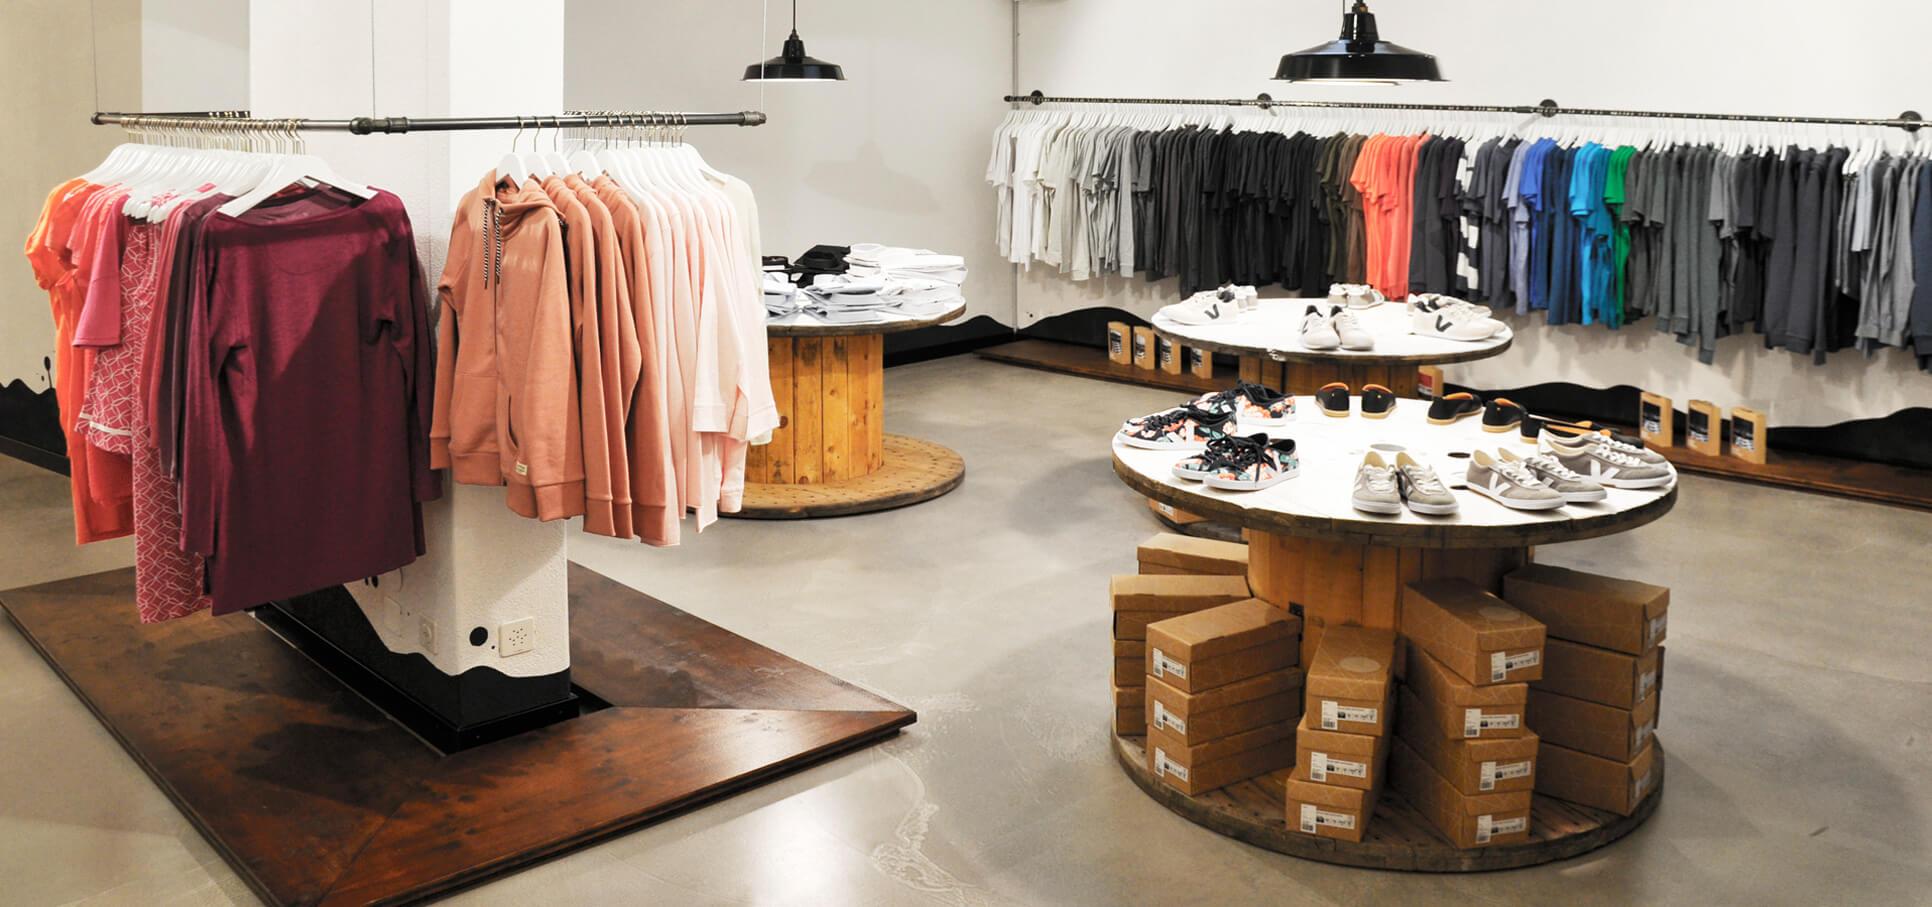 -glore-store-konzept-interieur-design-rohrfabrik-mobel-kleiderstander-10.jpg